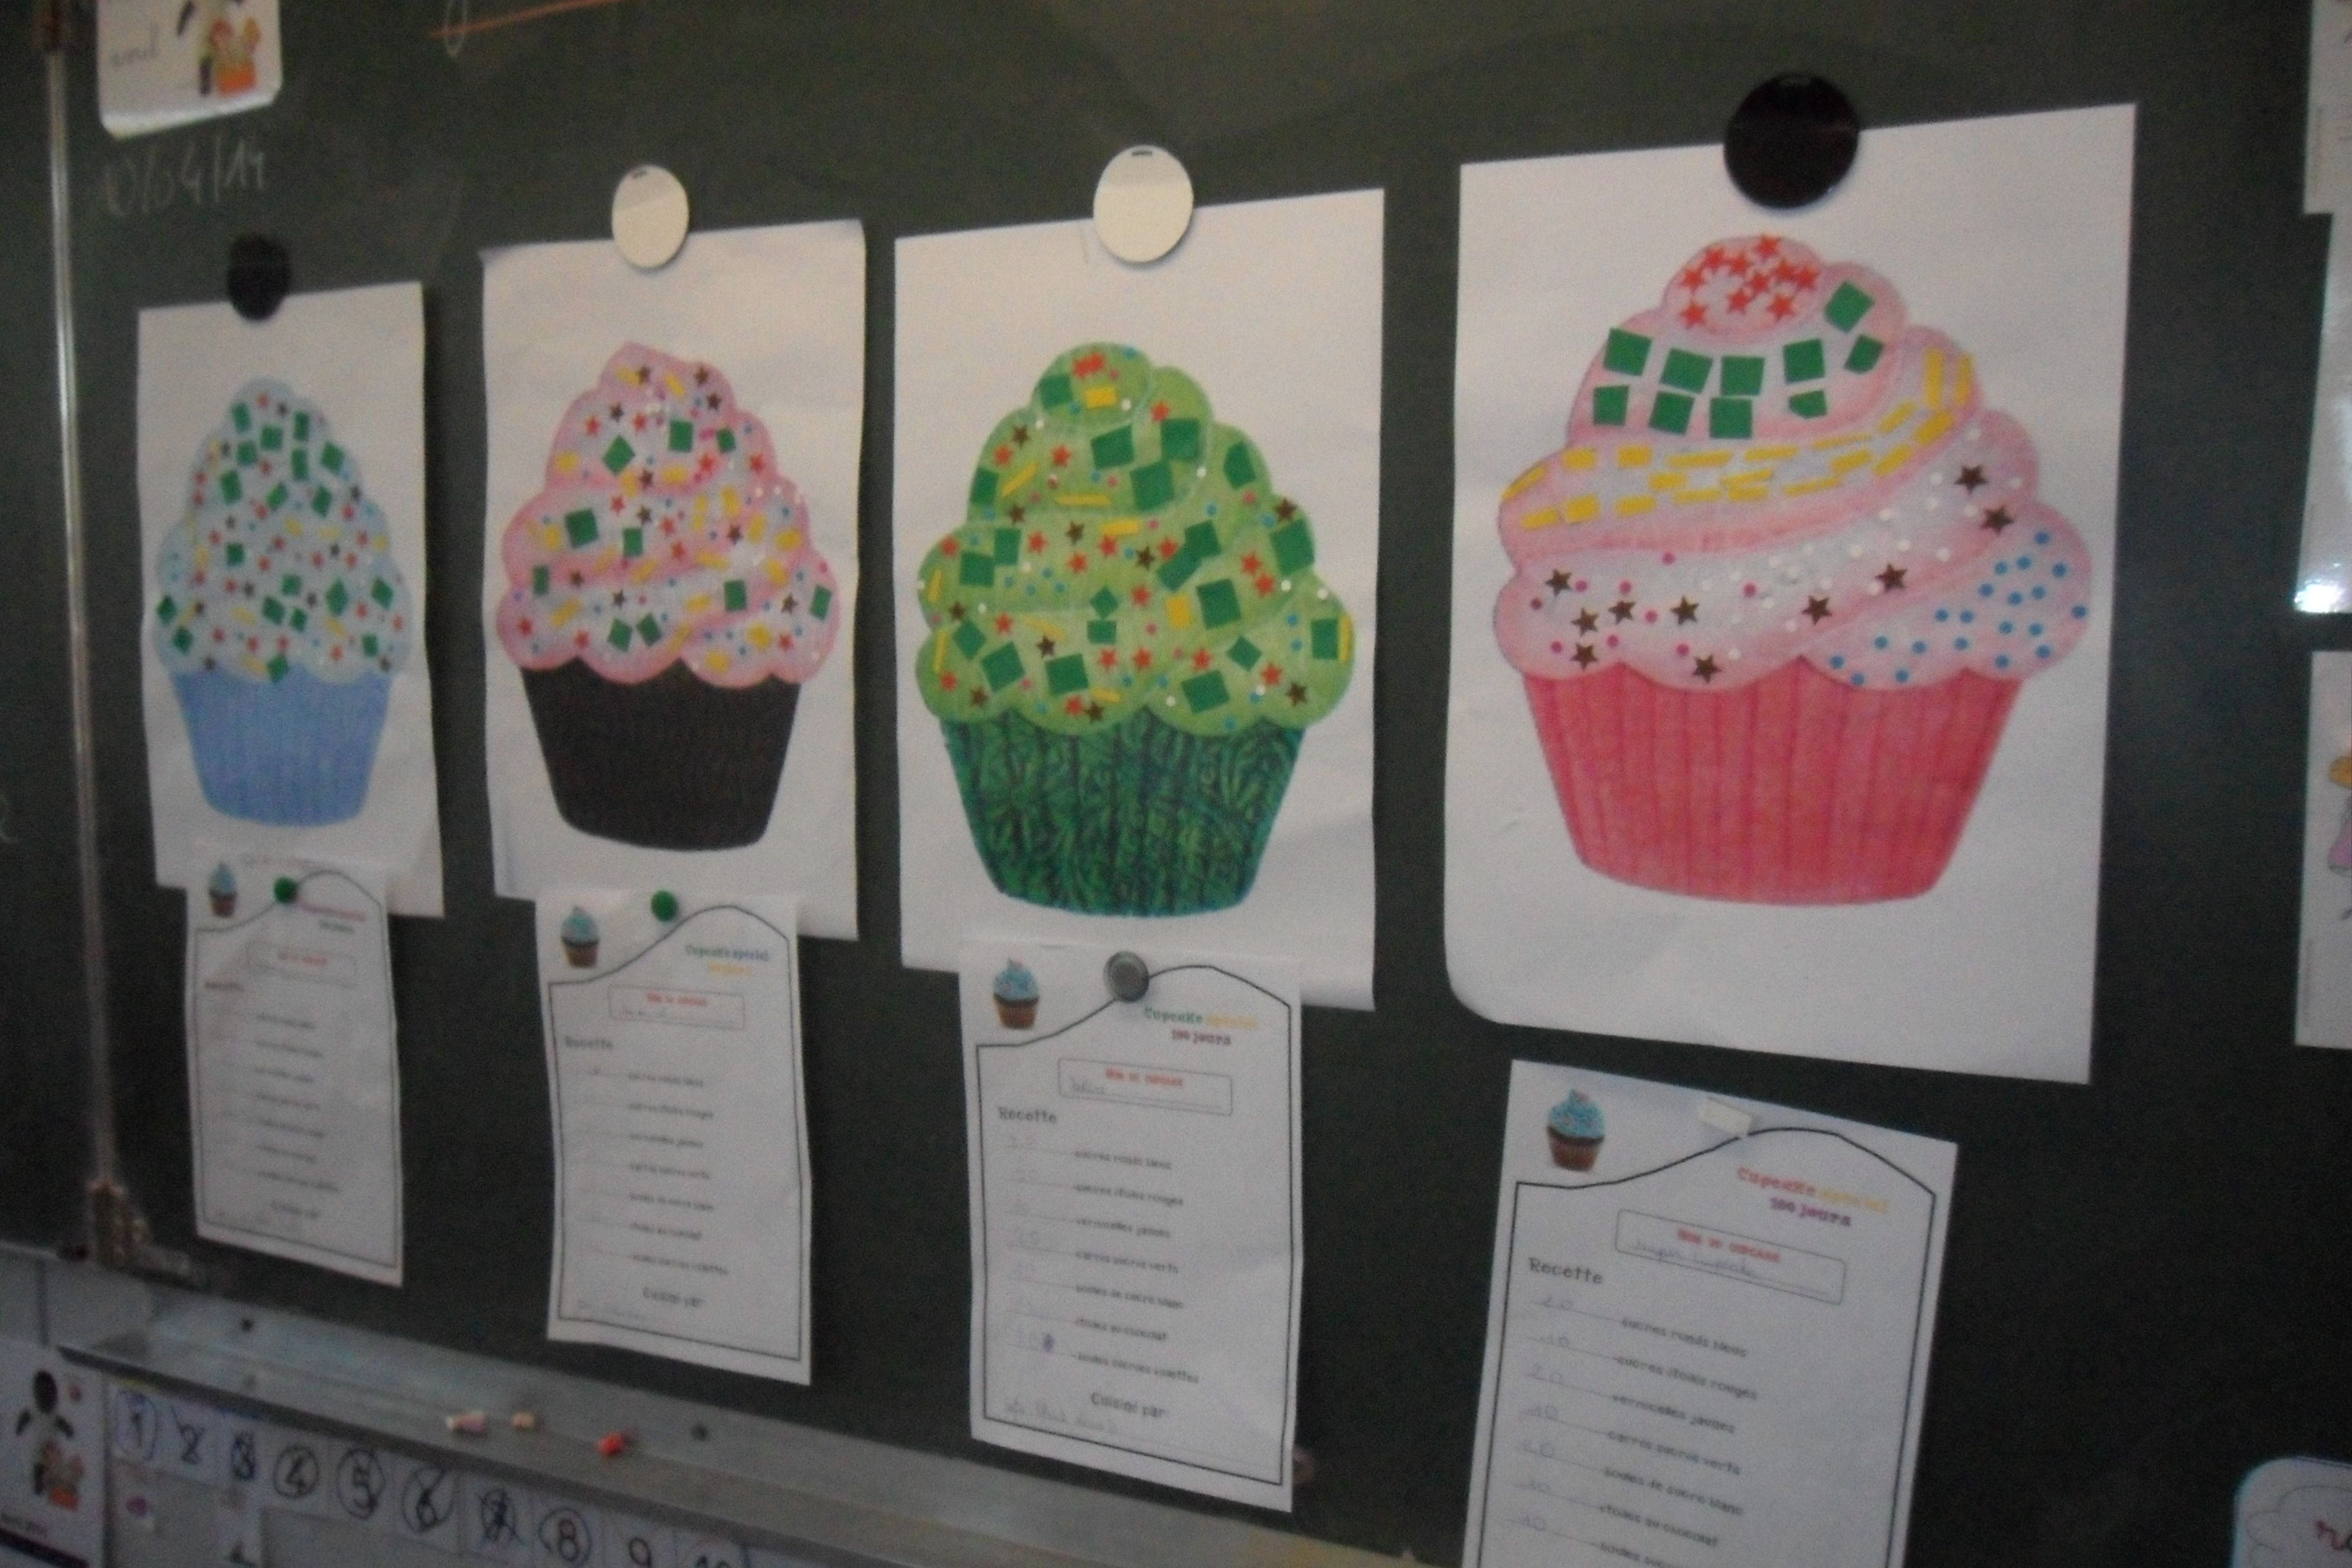 Les Cupcakes Special 100eme Joour D Ecole Situation